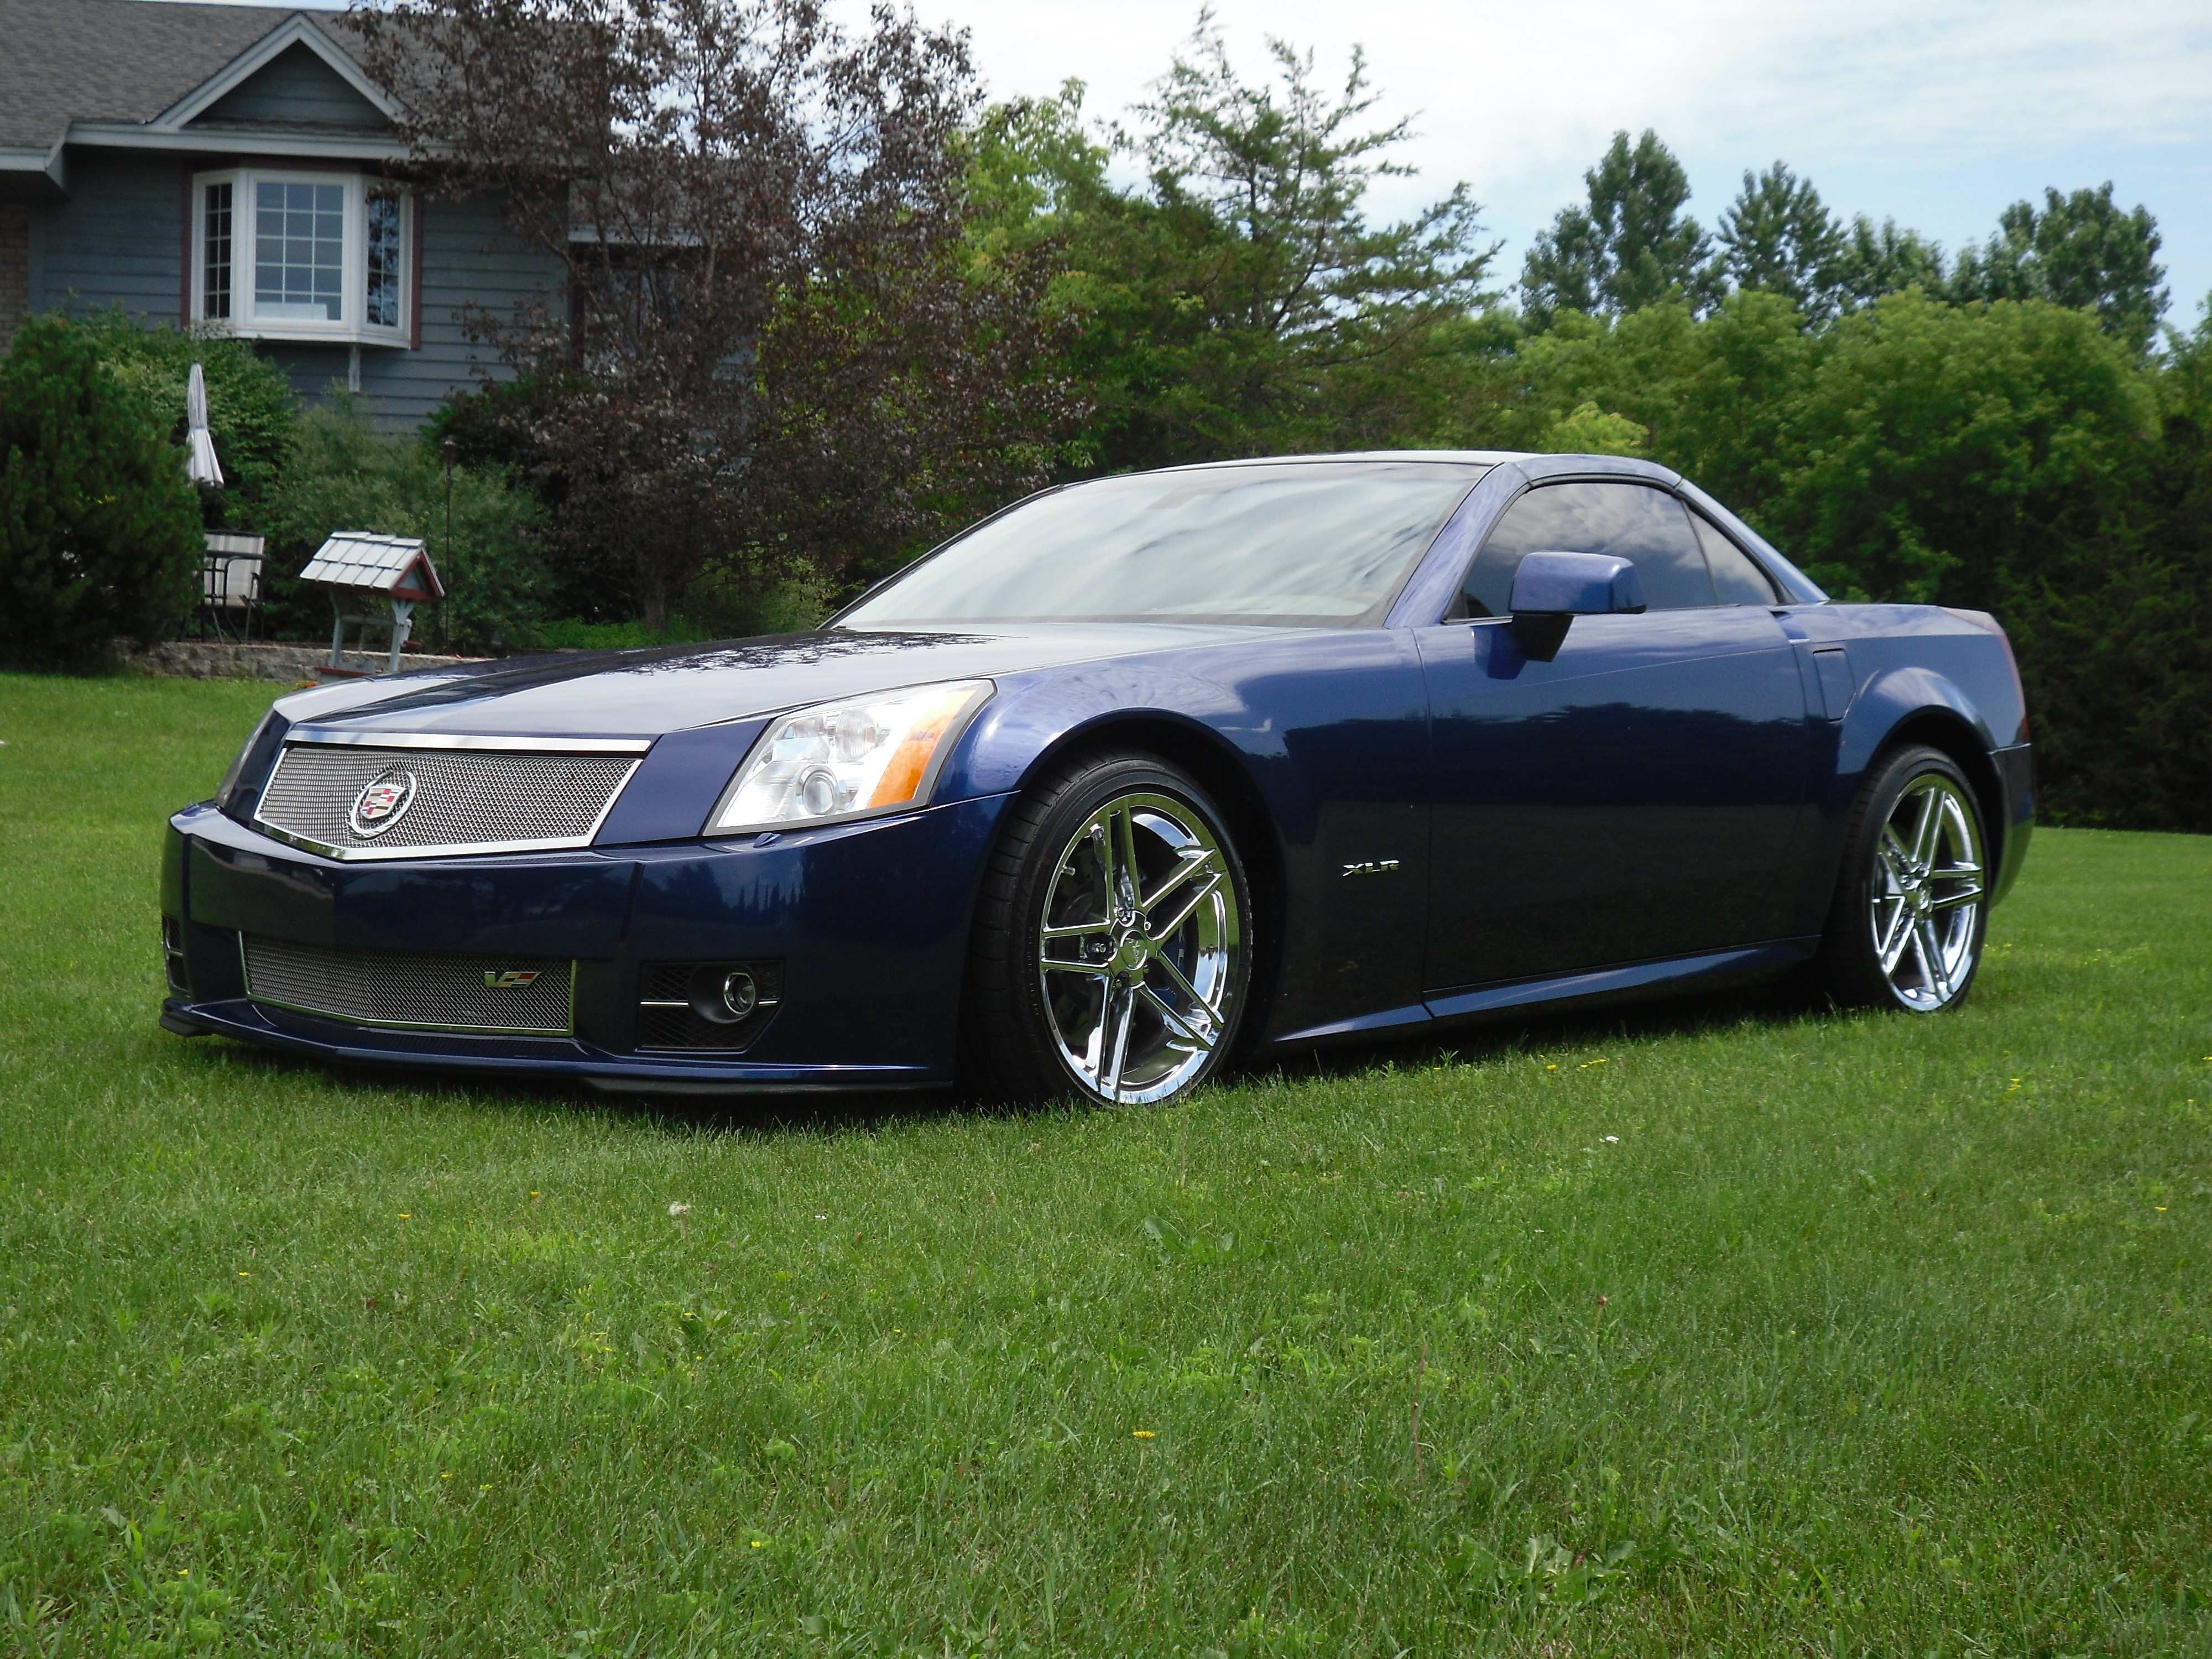 99 Great 2020 Cadillac Xlr History by 2020 Cadillac Xlr